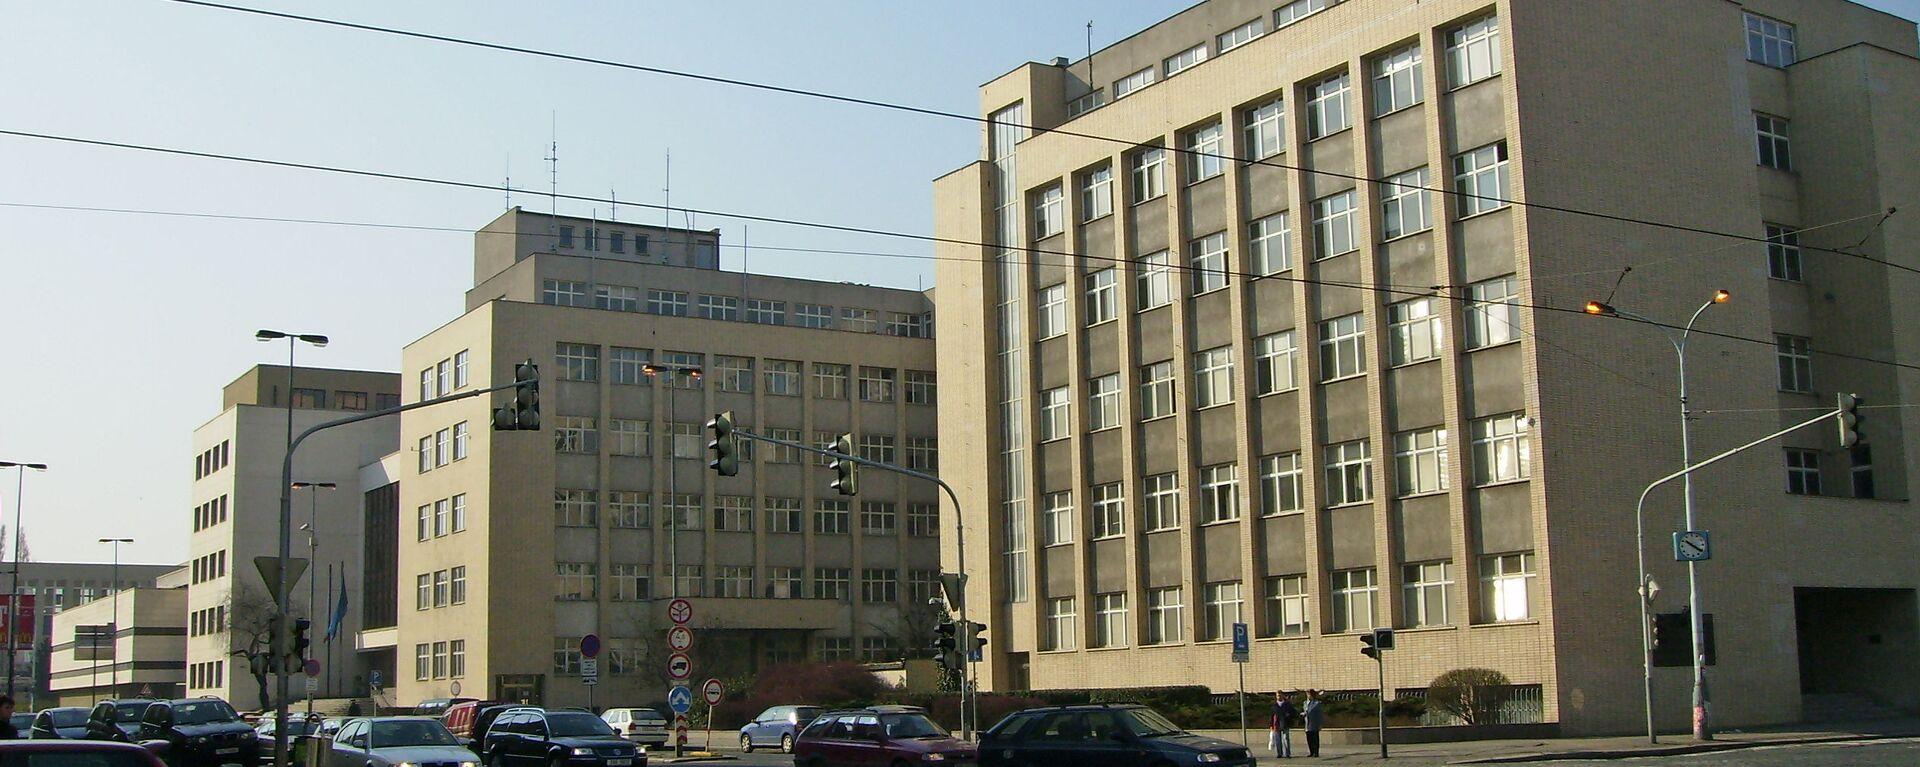 Ministerstvo vnitra ČR - Sputnik Česká republika, 1920, 16.07.2021